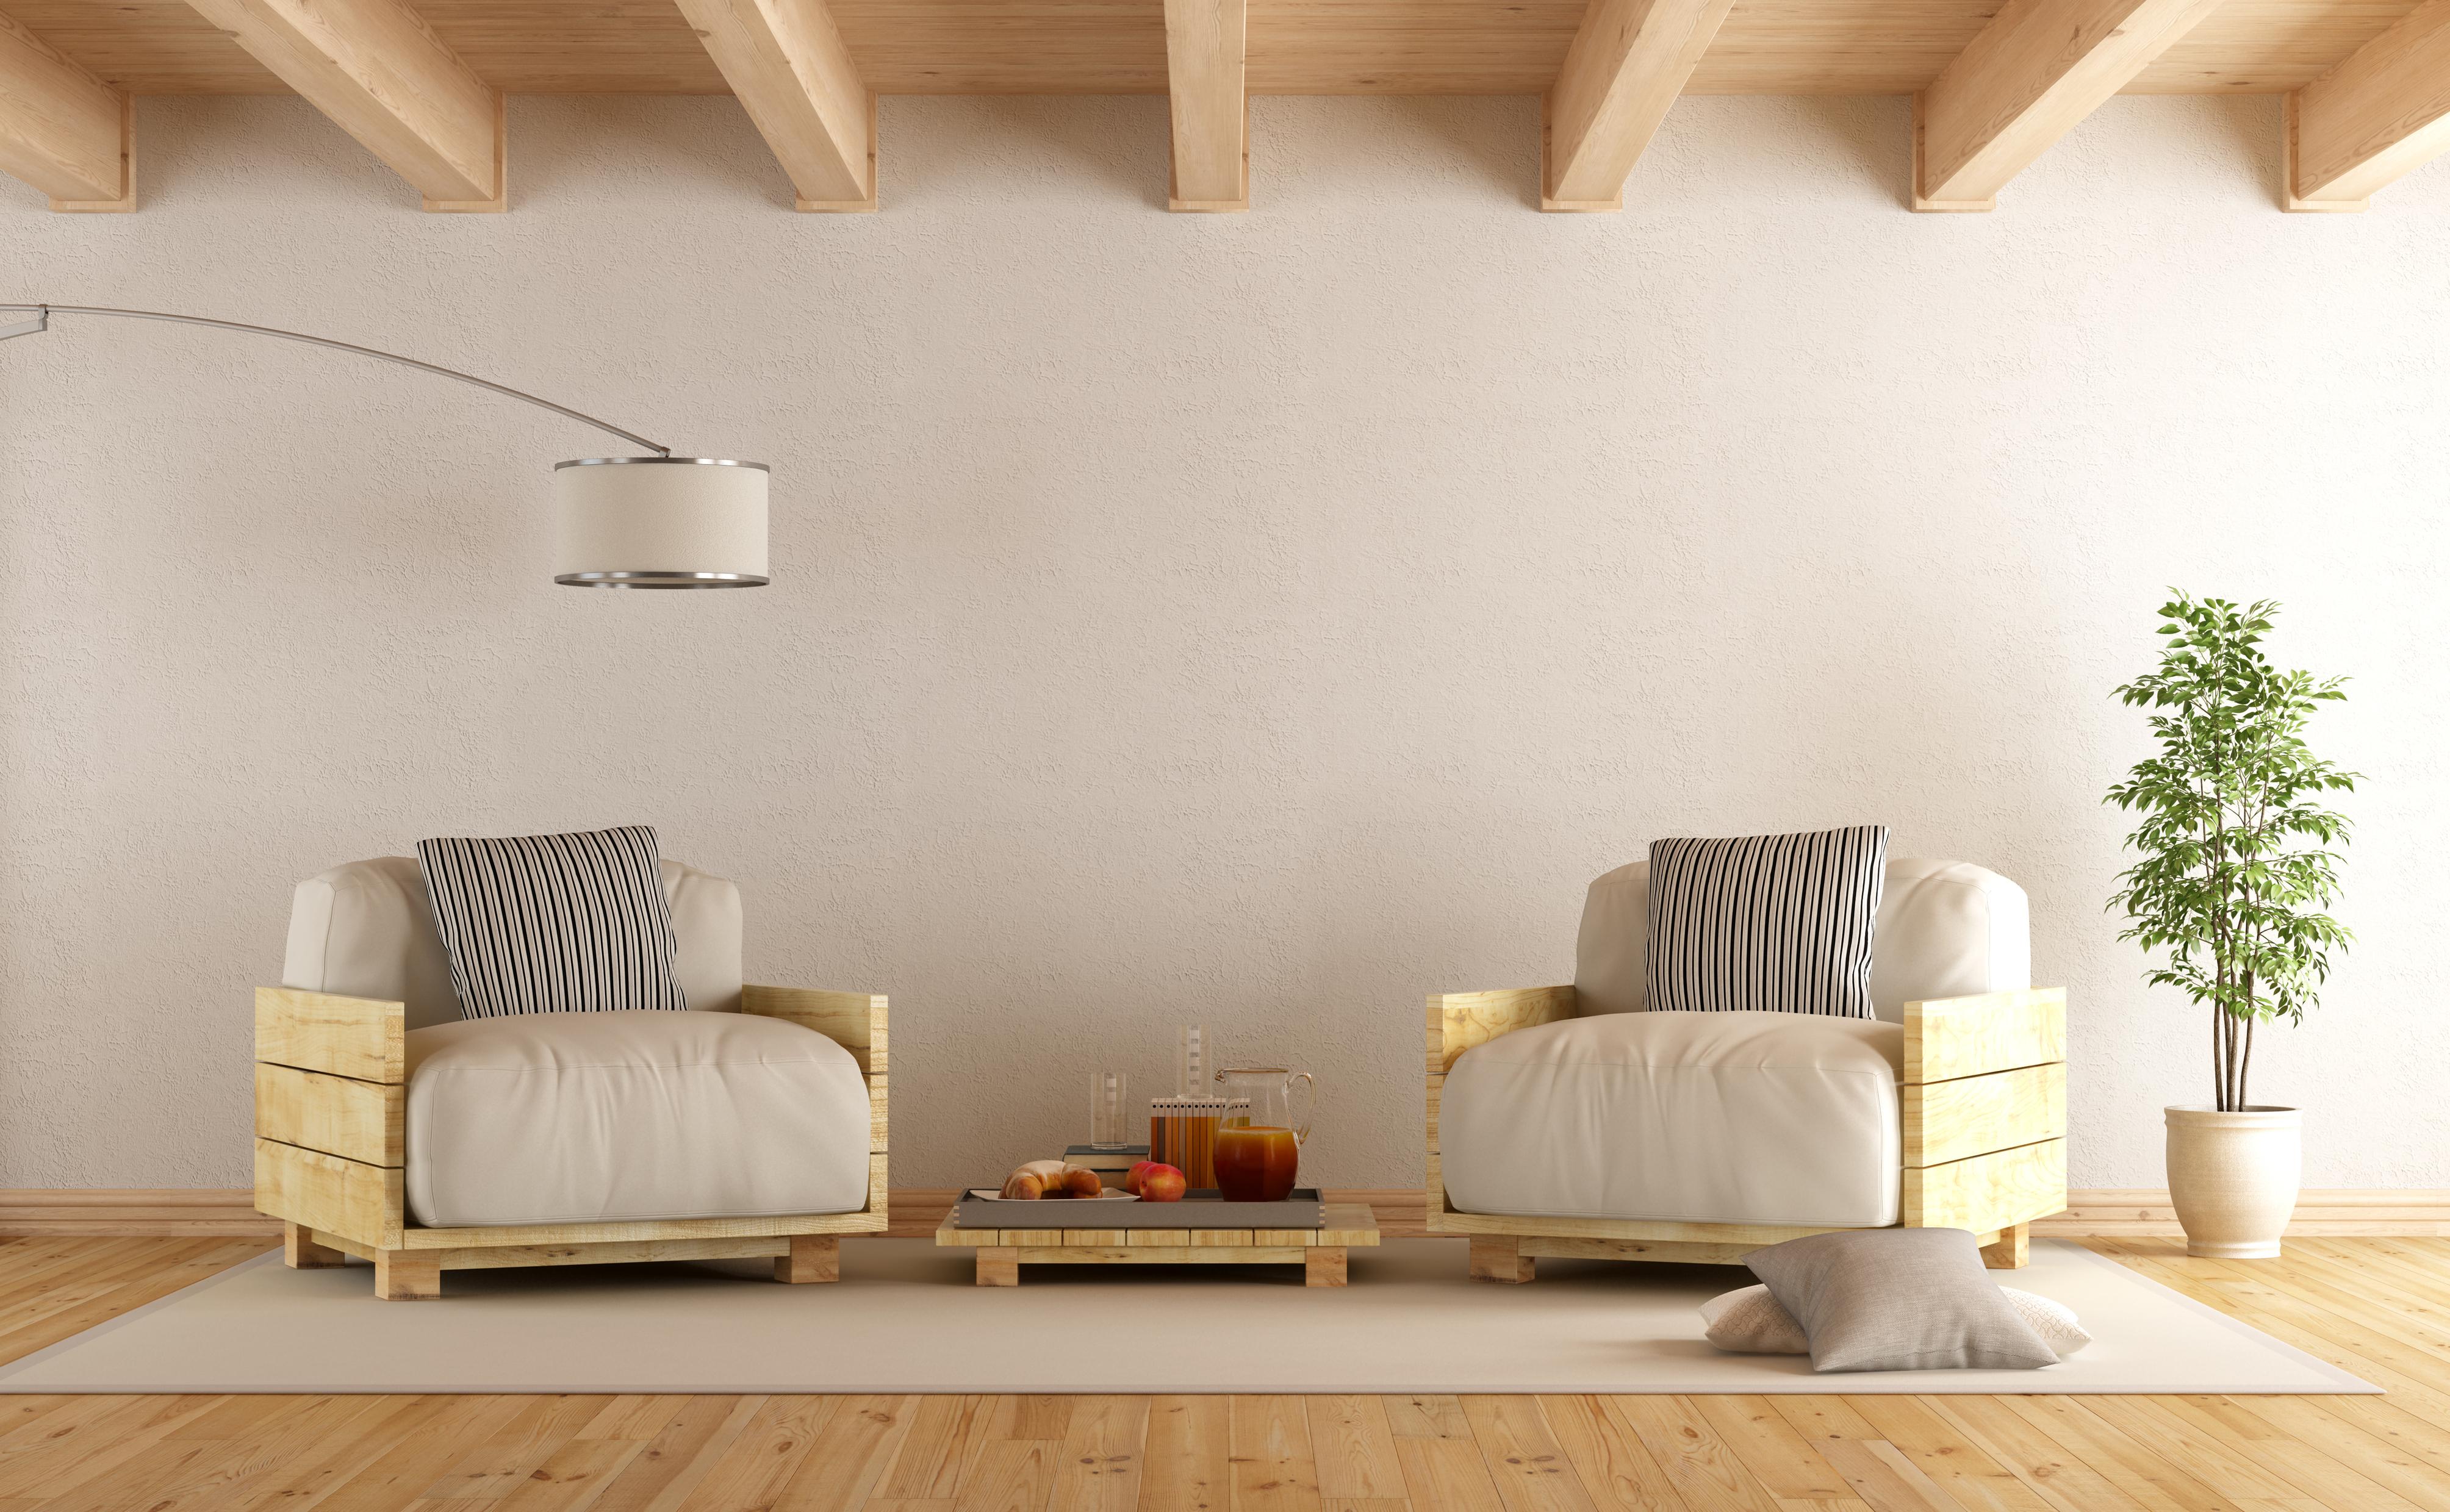 Polines son una excelente opci n para elaborar sus propios muebles la prensa - Idee per arredare casa con poco ...